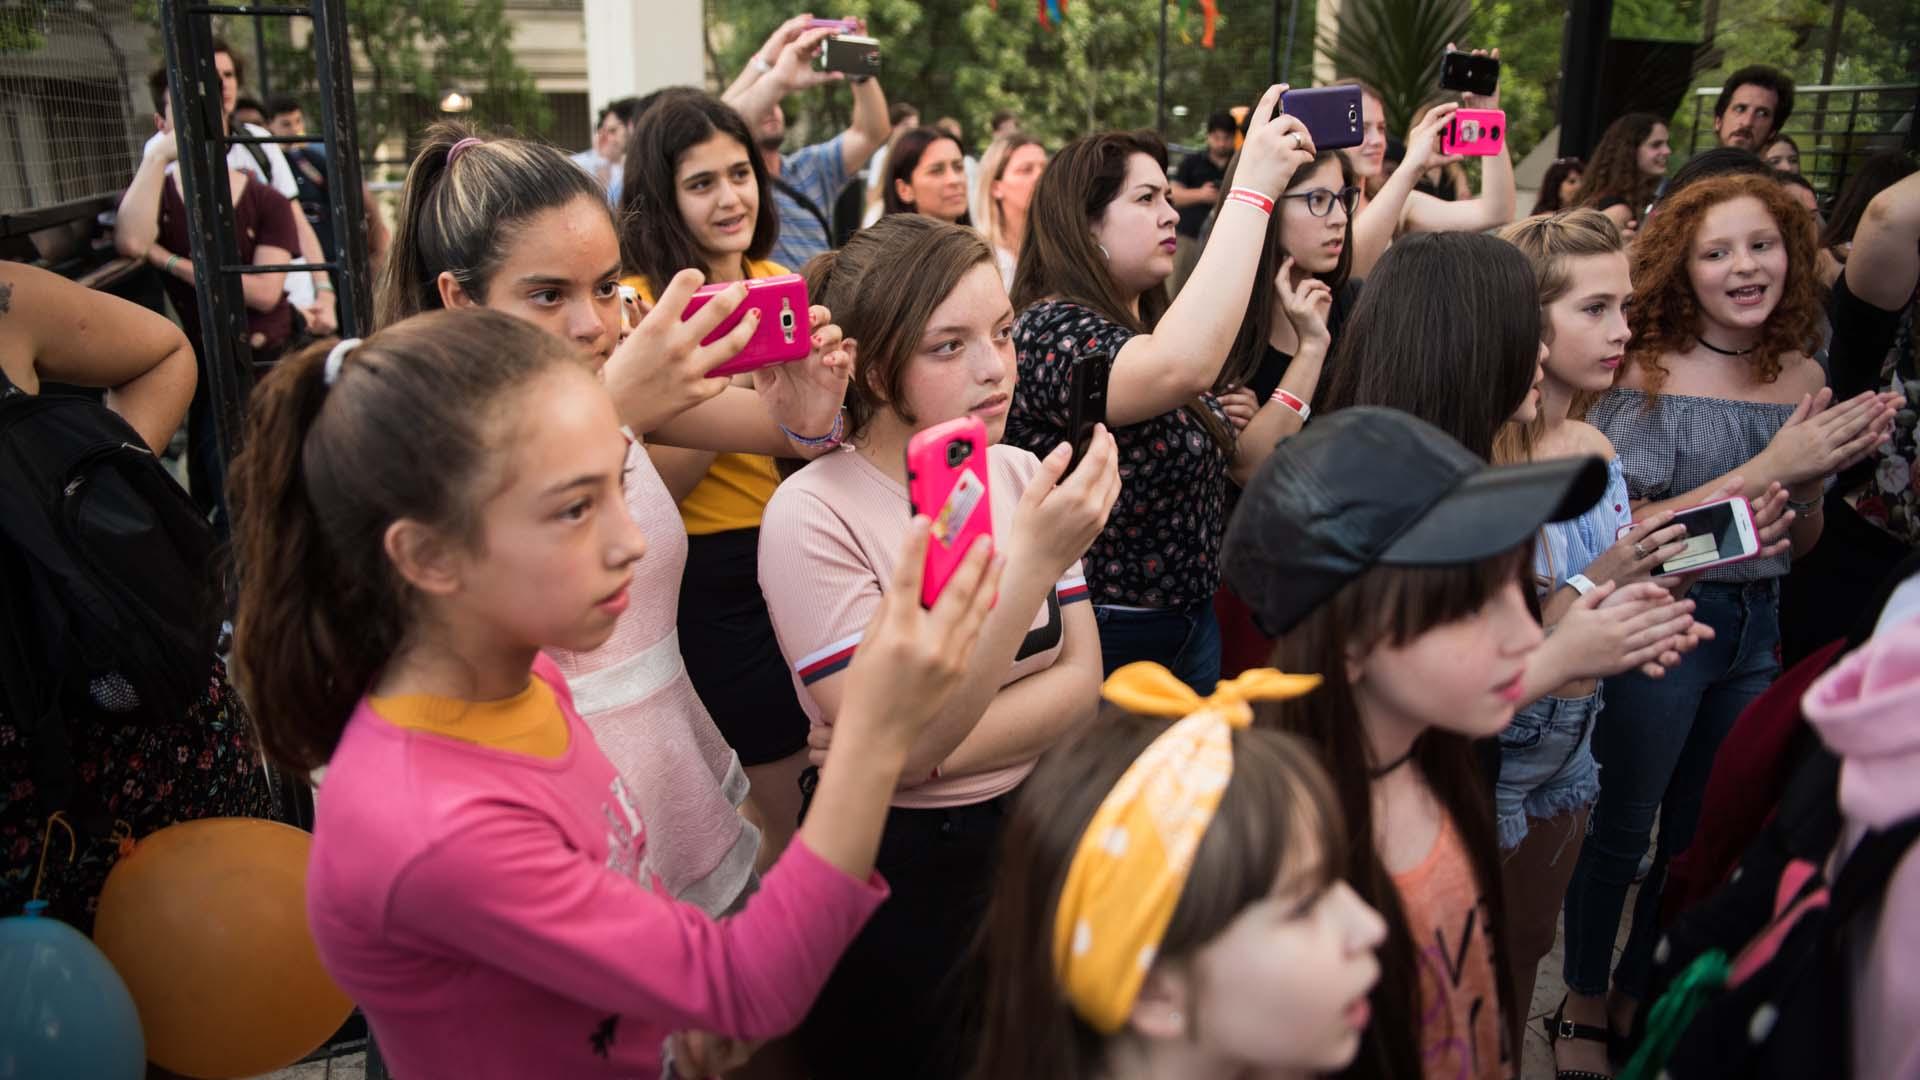 La gente colmó el local y disfrutó de la presencia de los famosos (Crédito de fotos: Manuel Cortina)